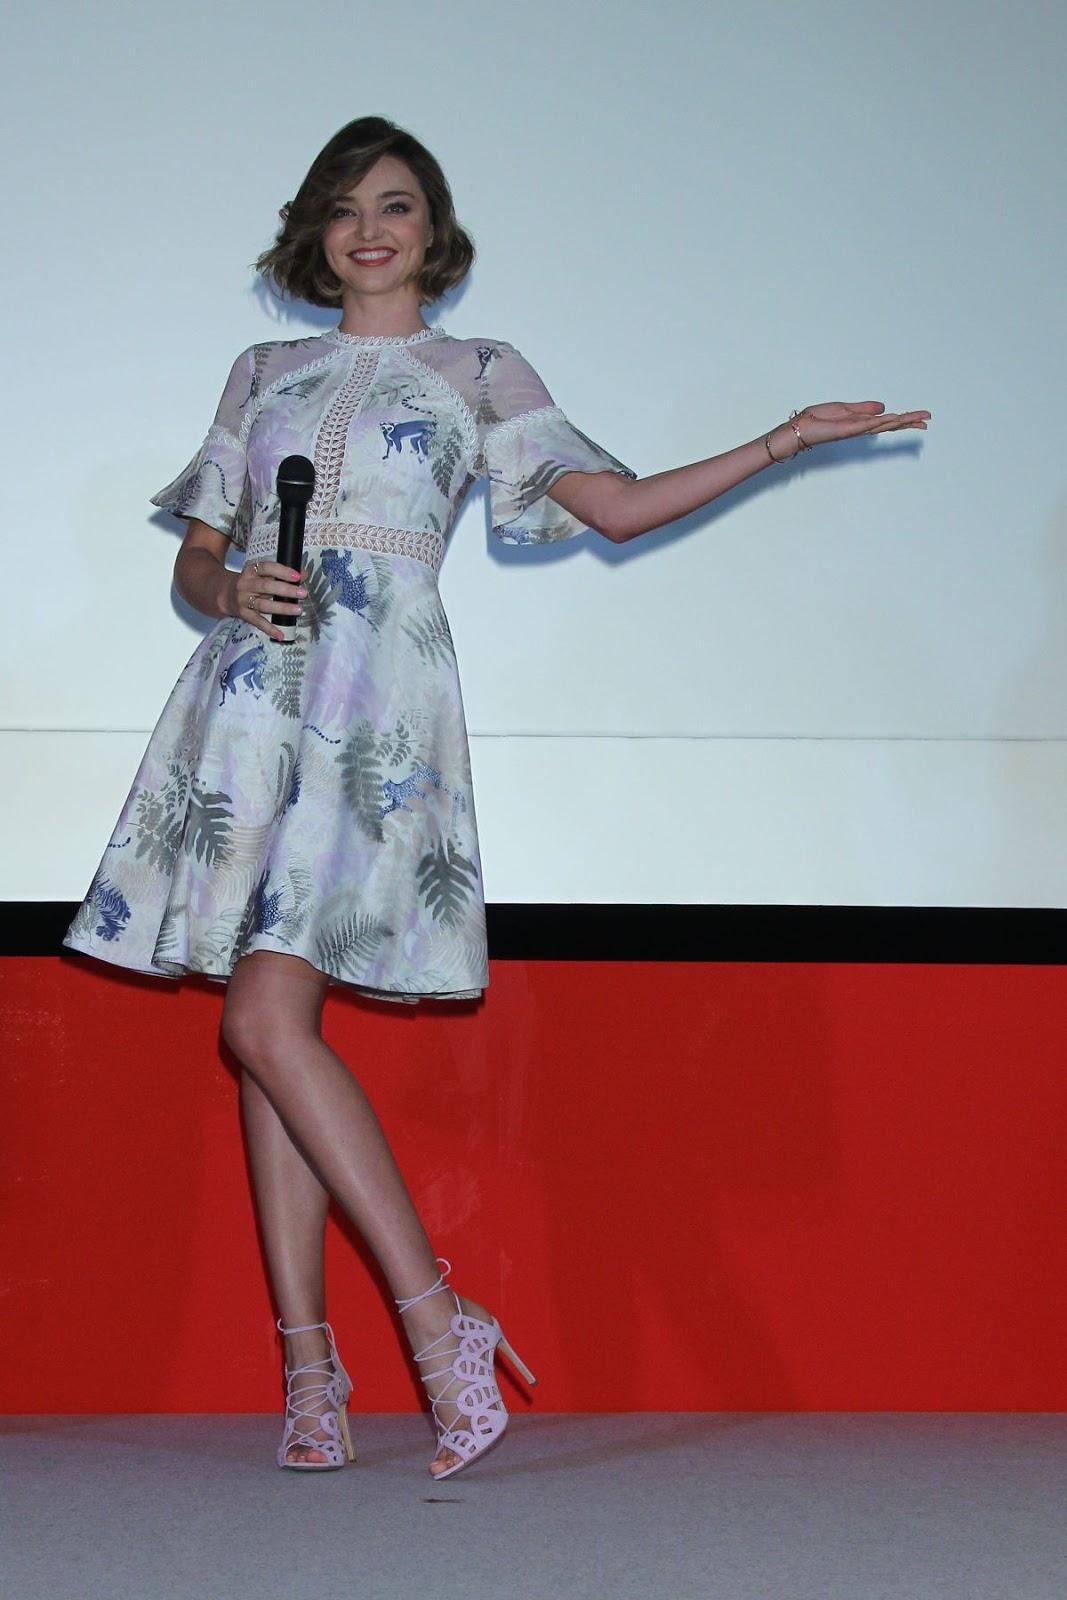 HQ Photos & & Wallpapers of Miranda Kerr At Marukome's Headquarters In Nagano